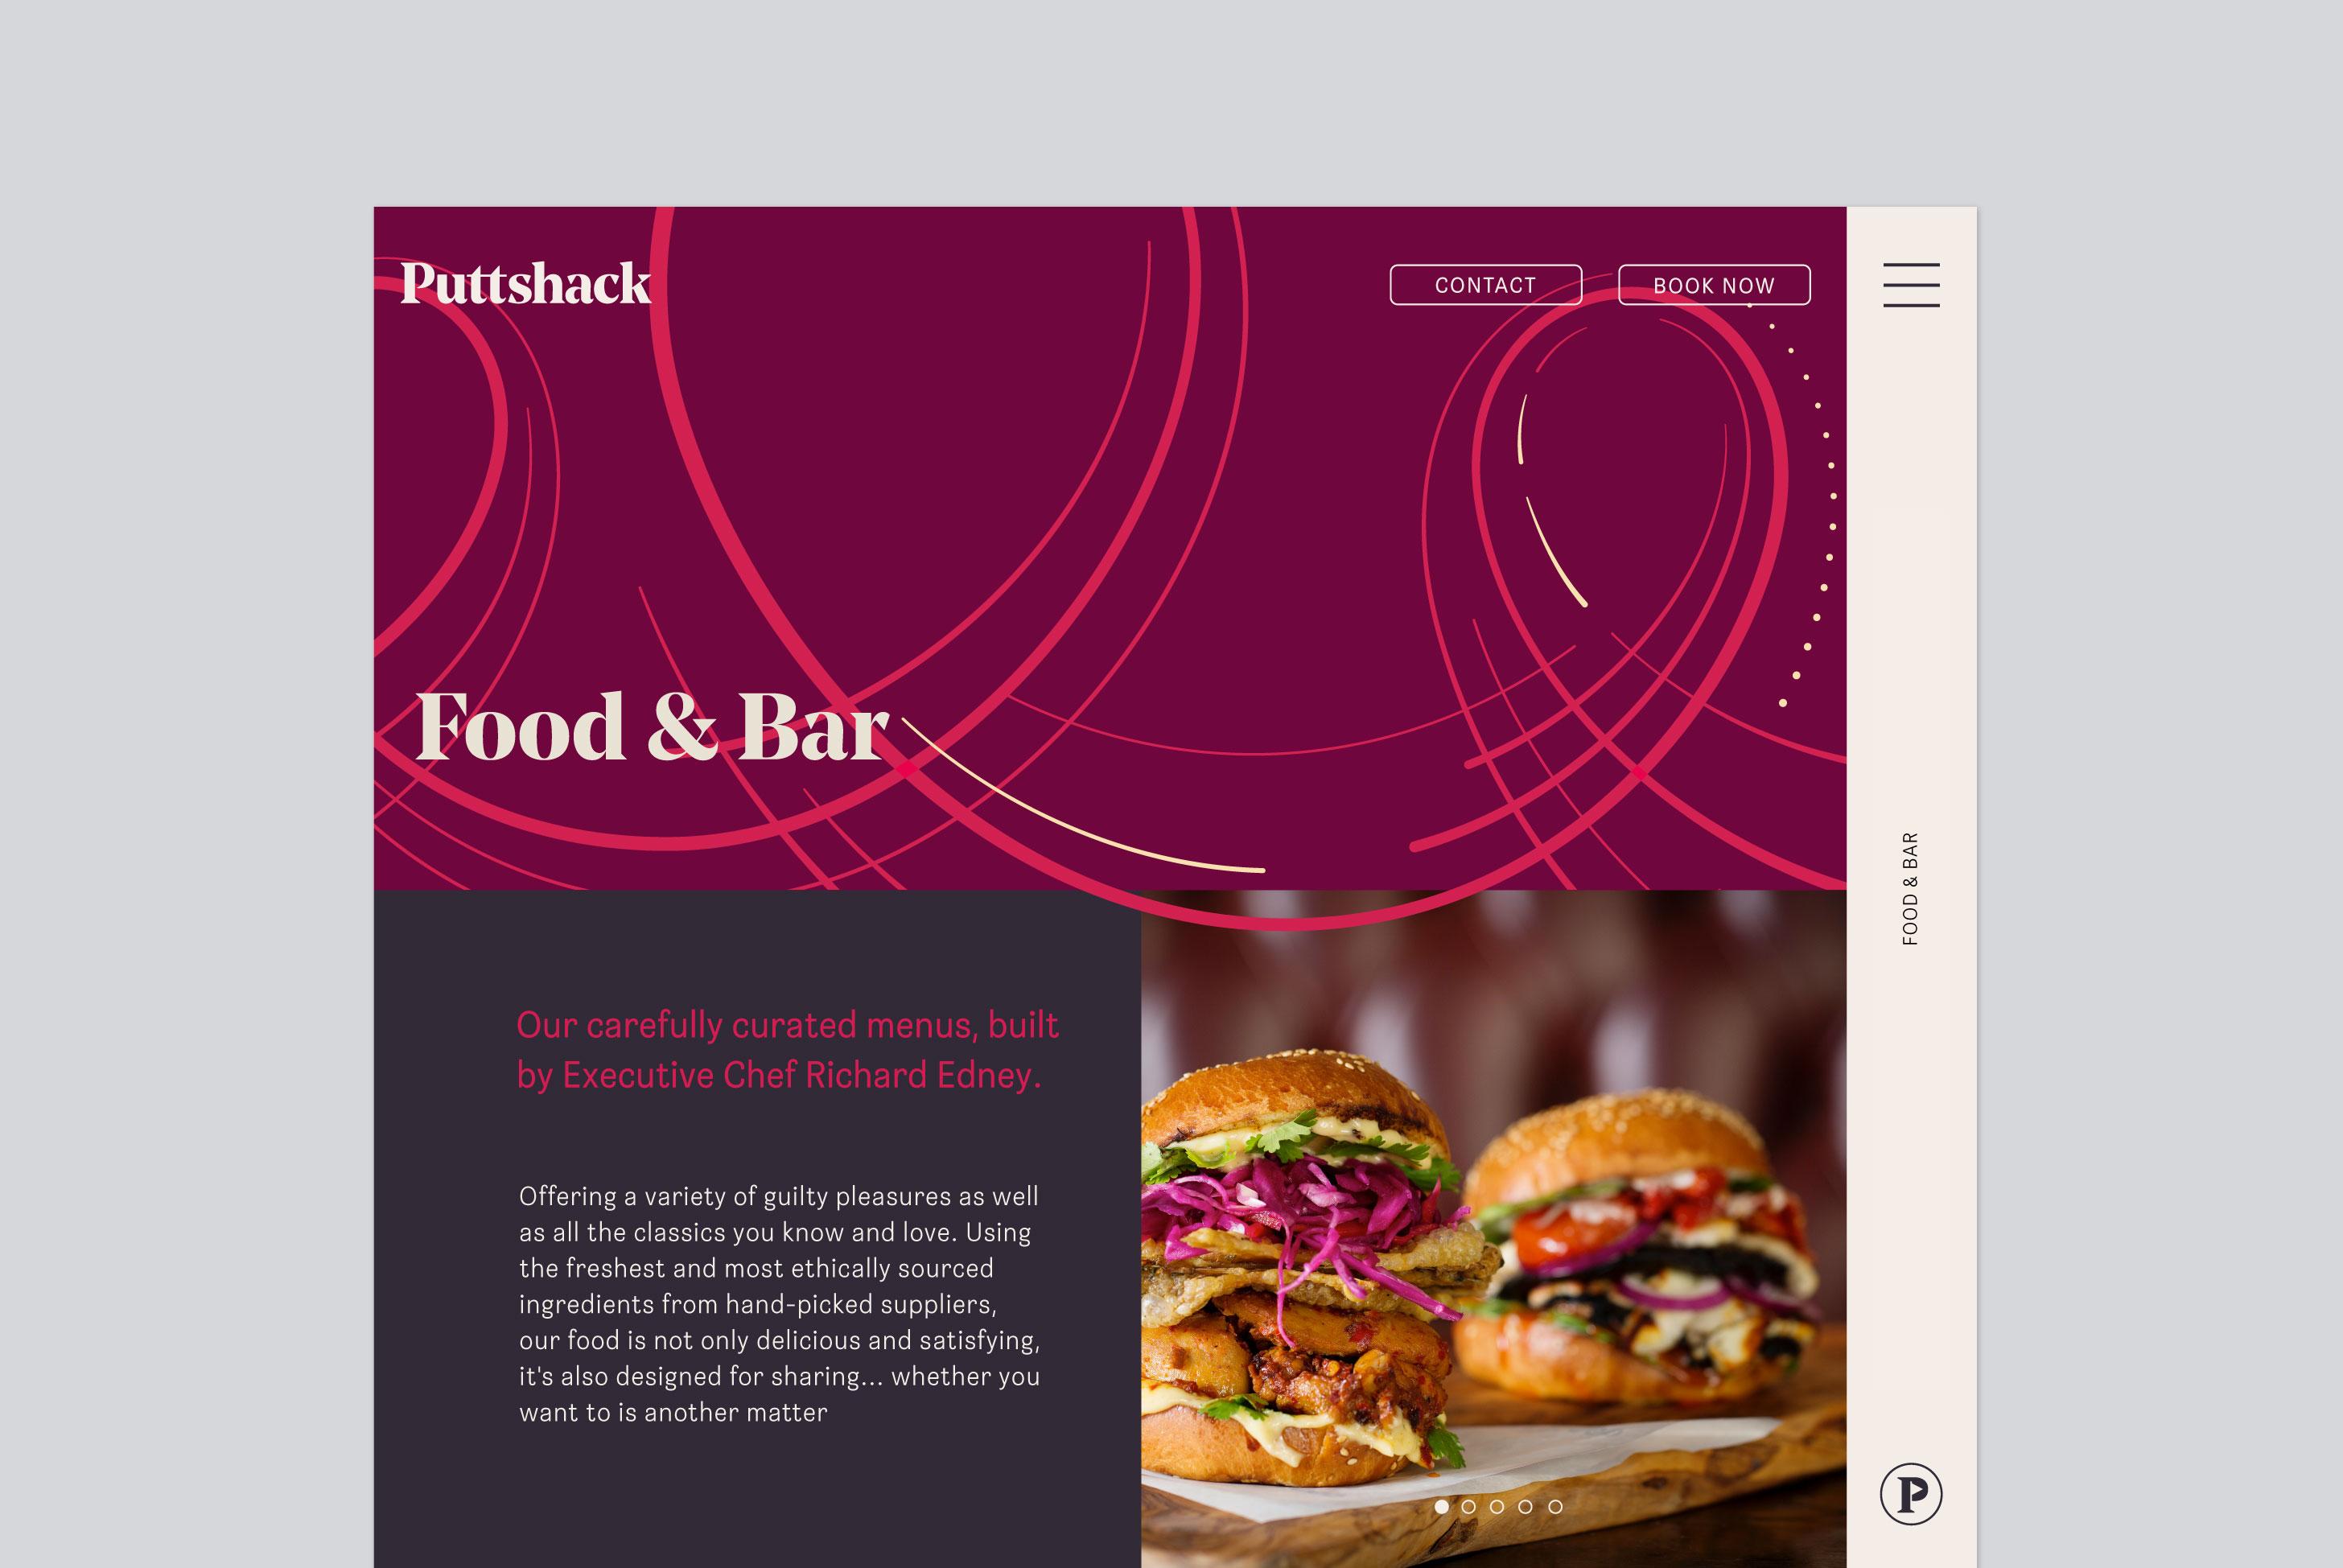 Puttshack-digital-design-desktop-04